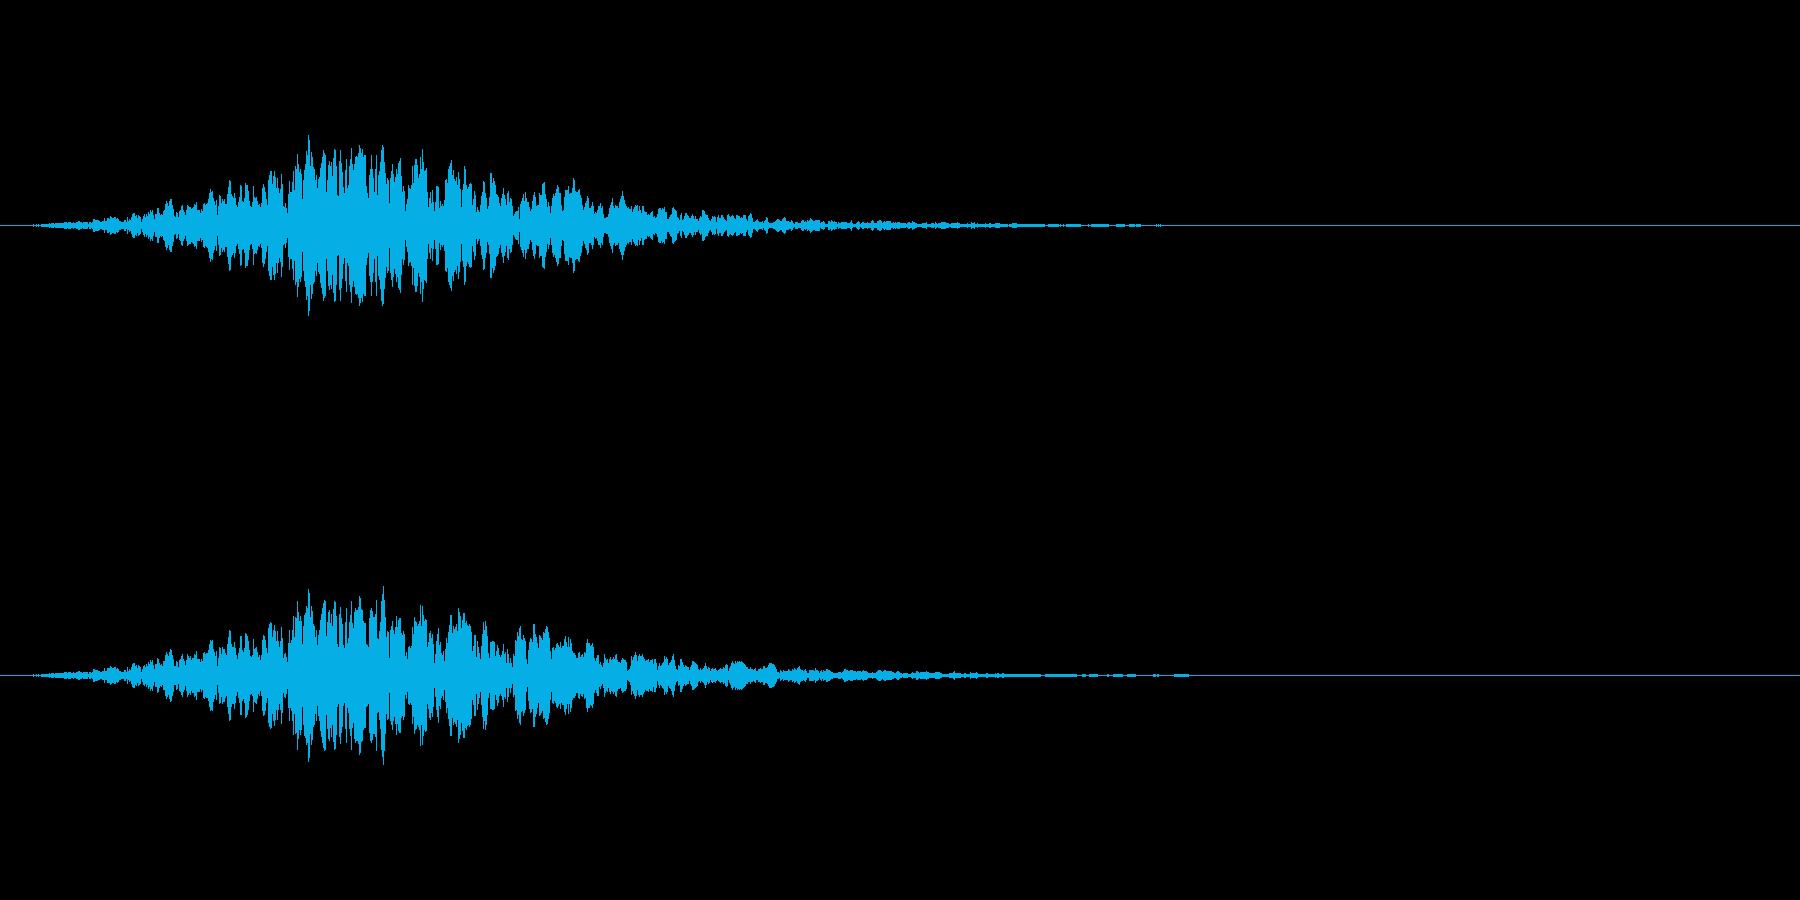 ヒュイーン(高速で移動する効果音)の再生済みの波形